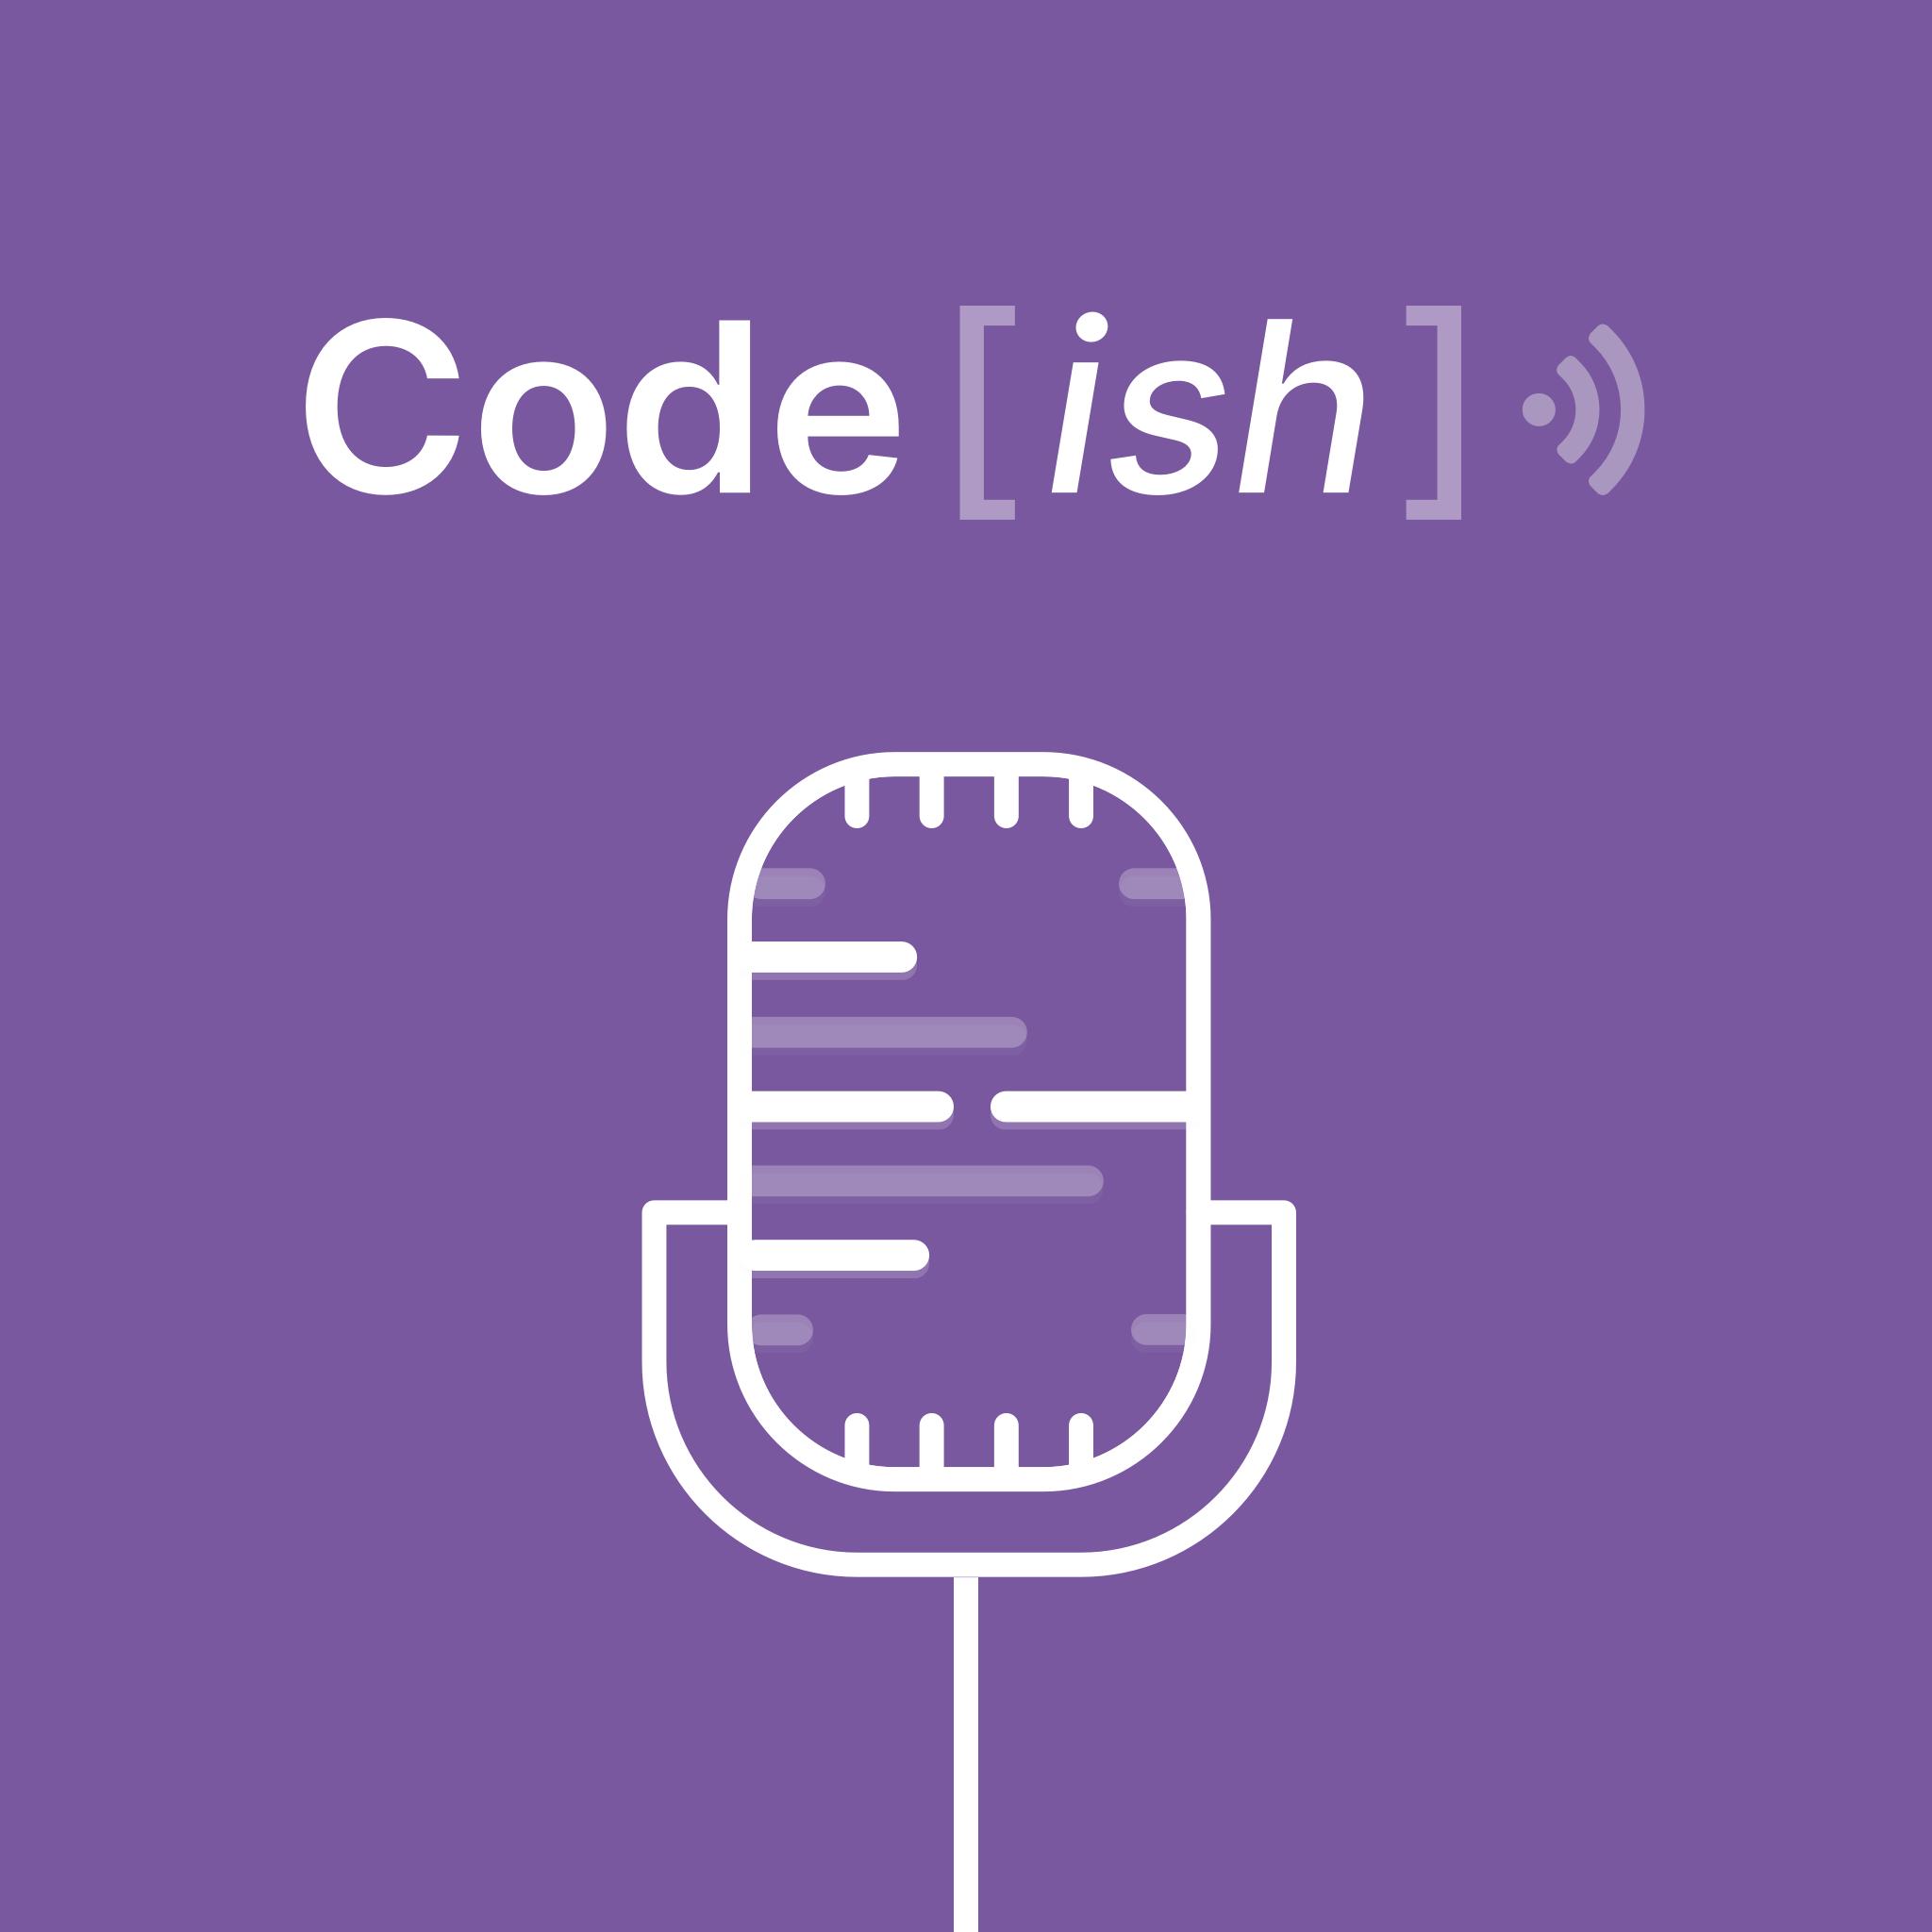 Code[ish]